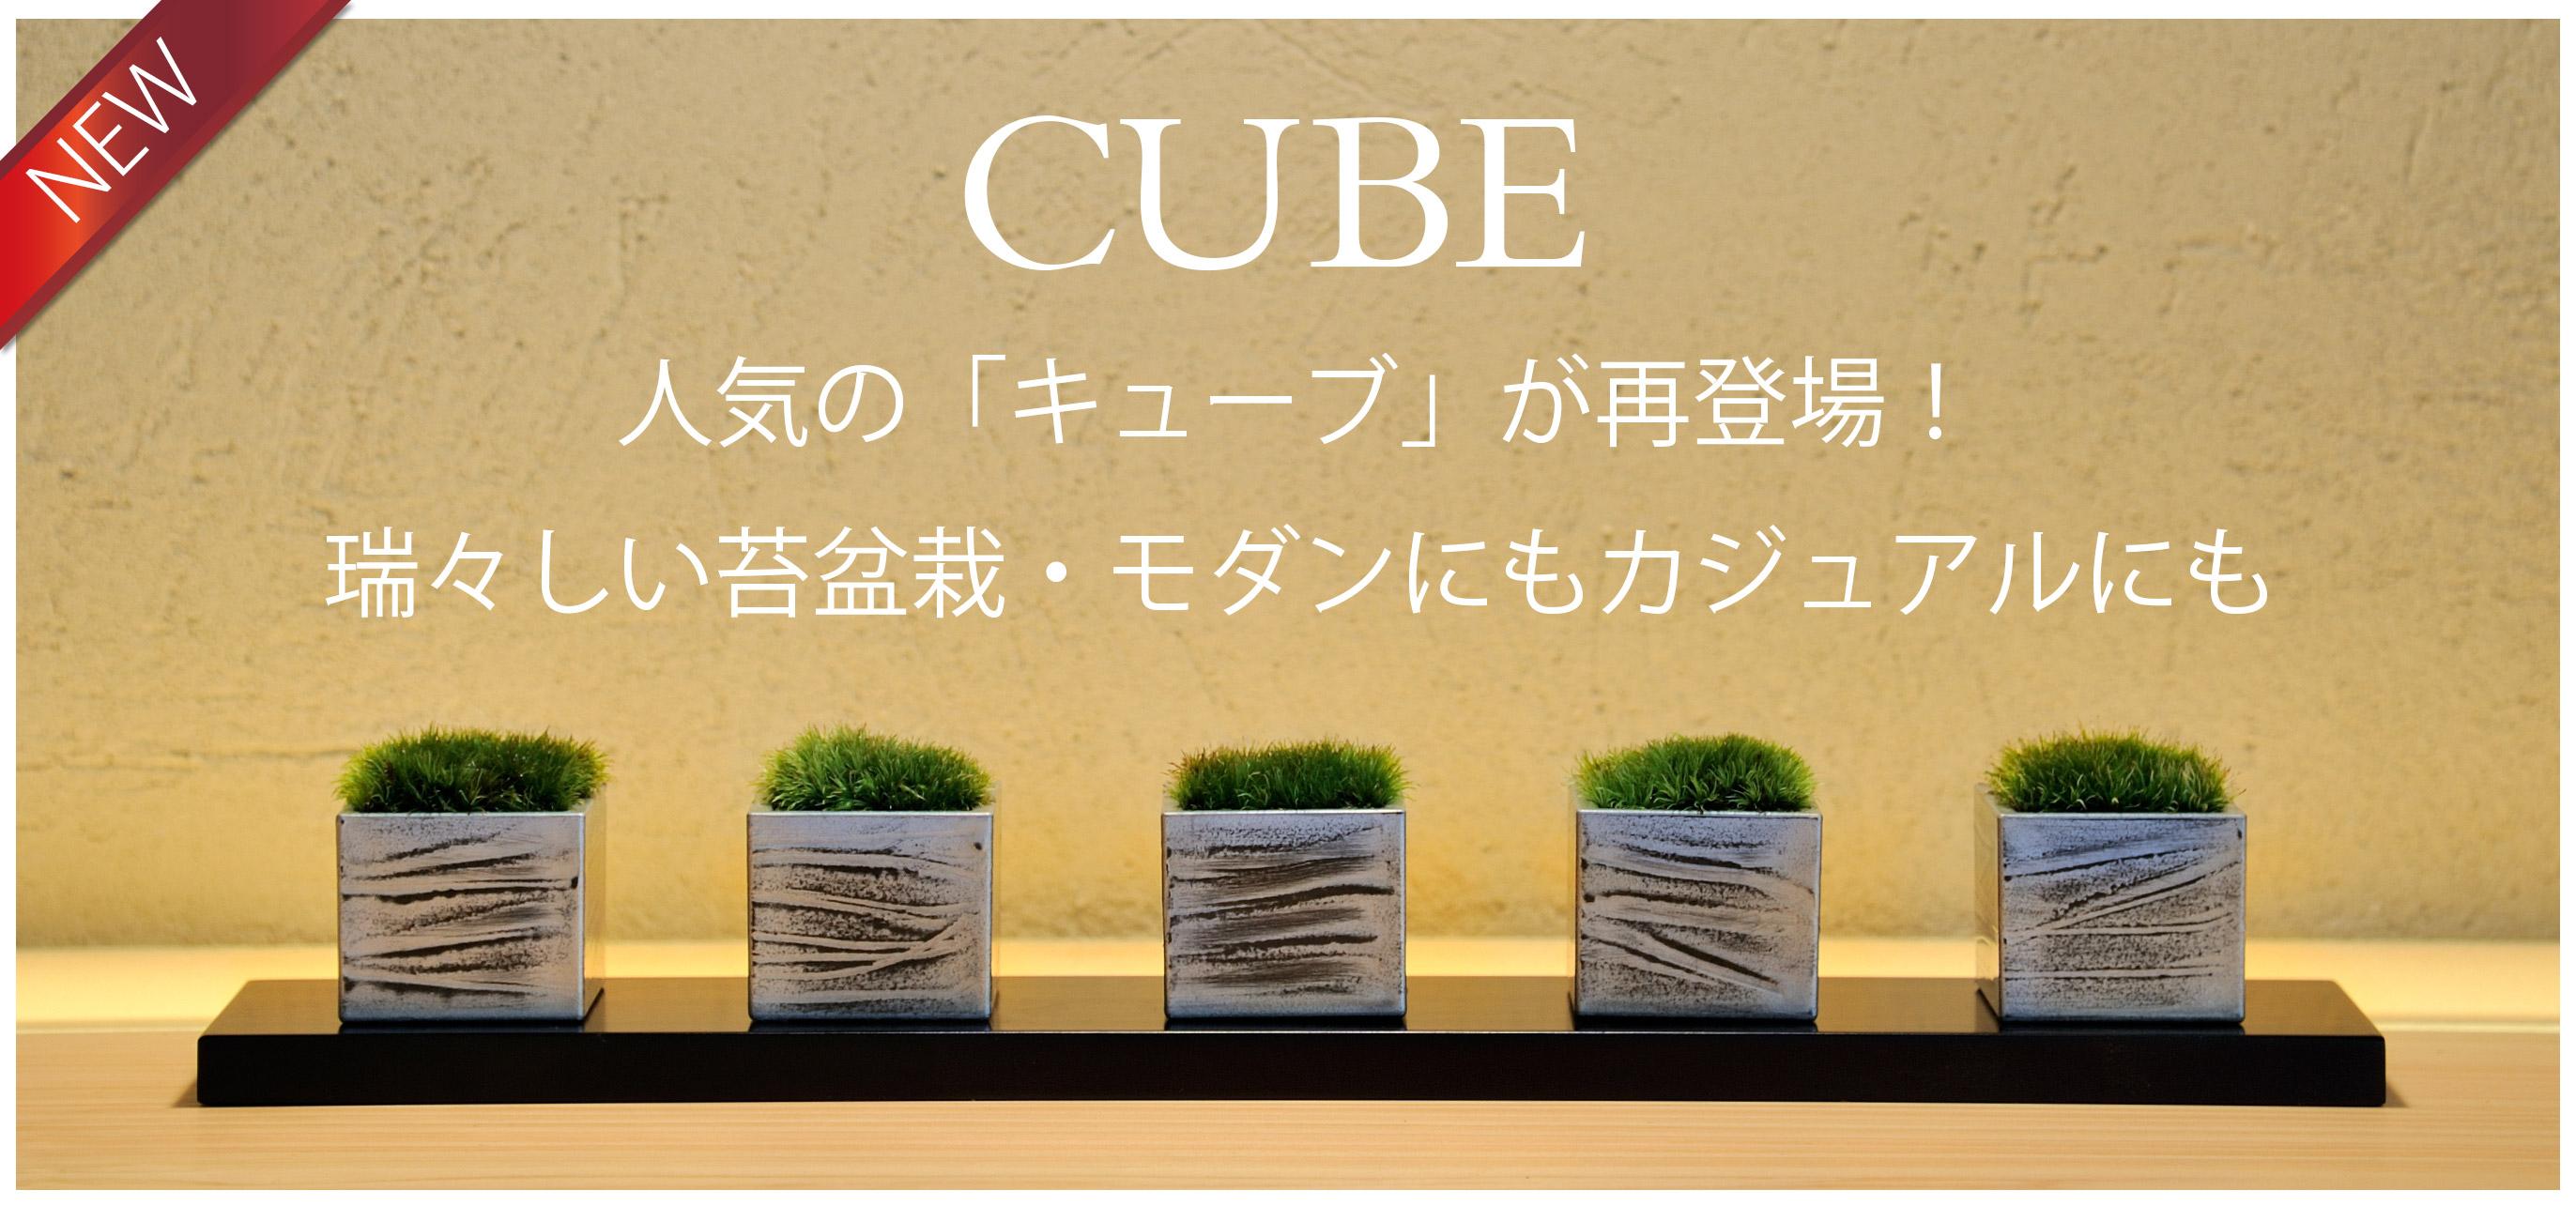 ミニ盆栽,苔,CUBE